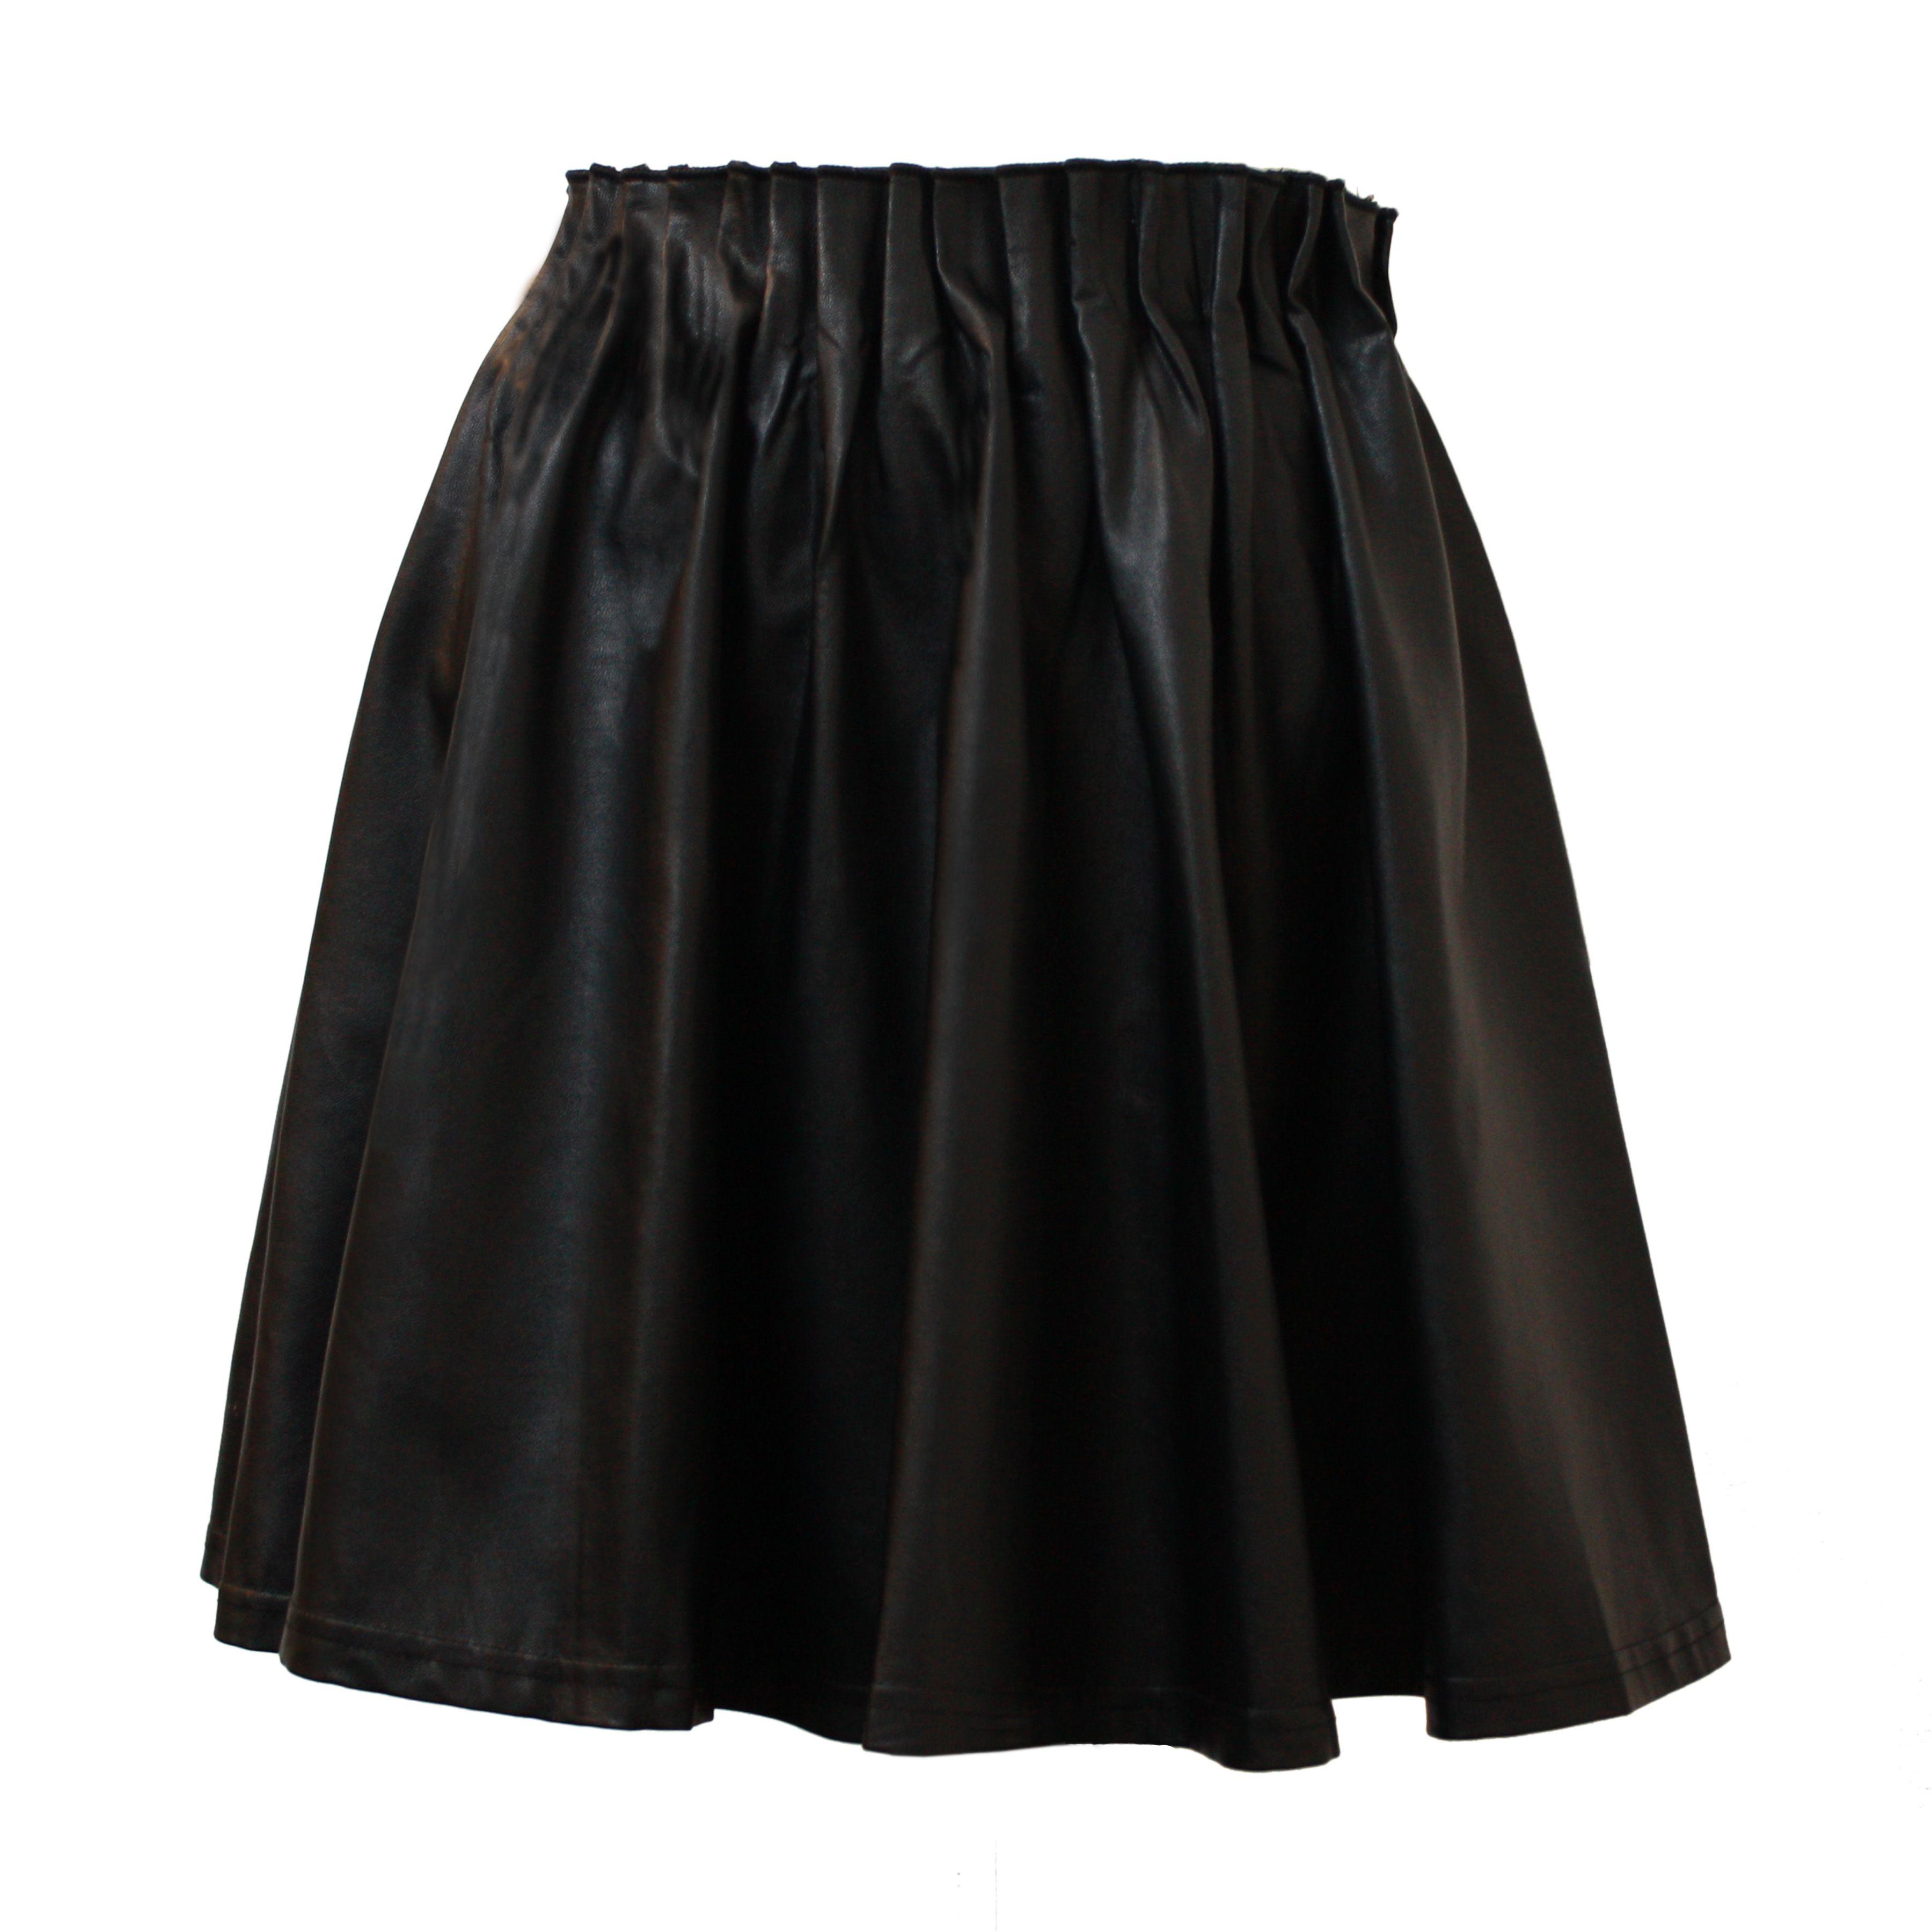 De Naomi rok van Isabelli is het perfecte herfst rokje in zwart faux leer. Loopt wijd uit en heeft een elastieke band aan de bovenkant.